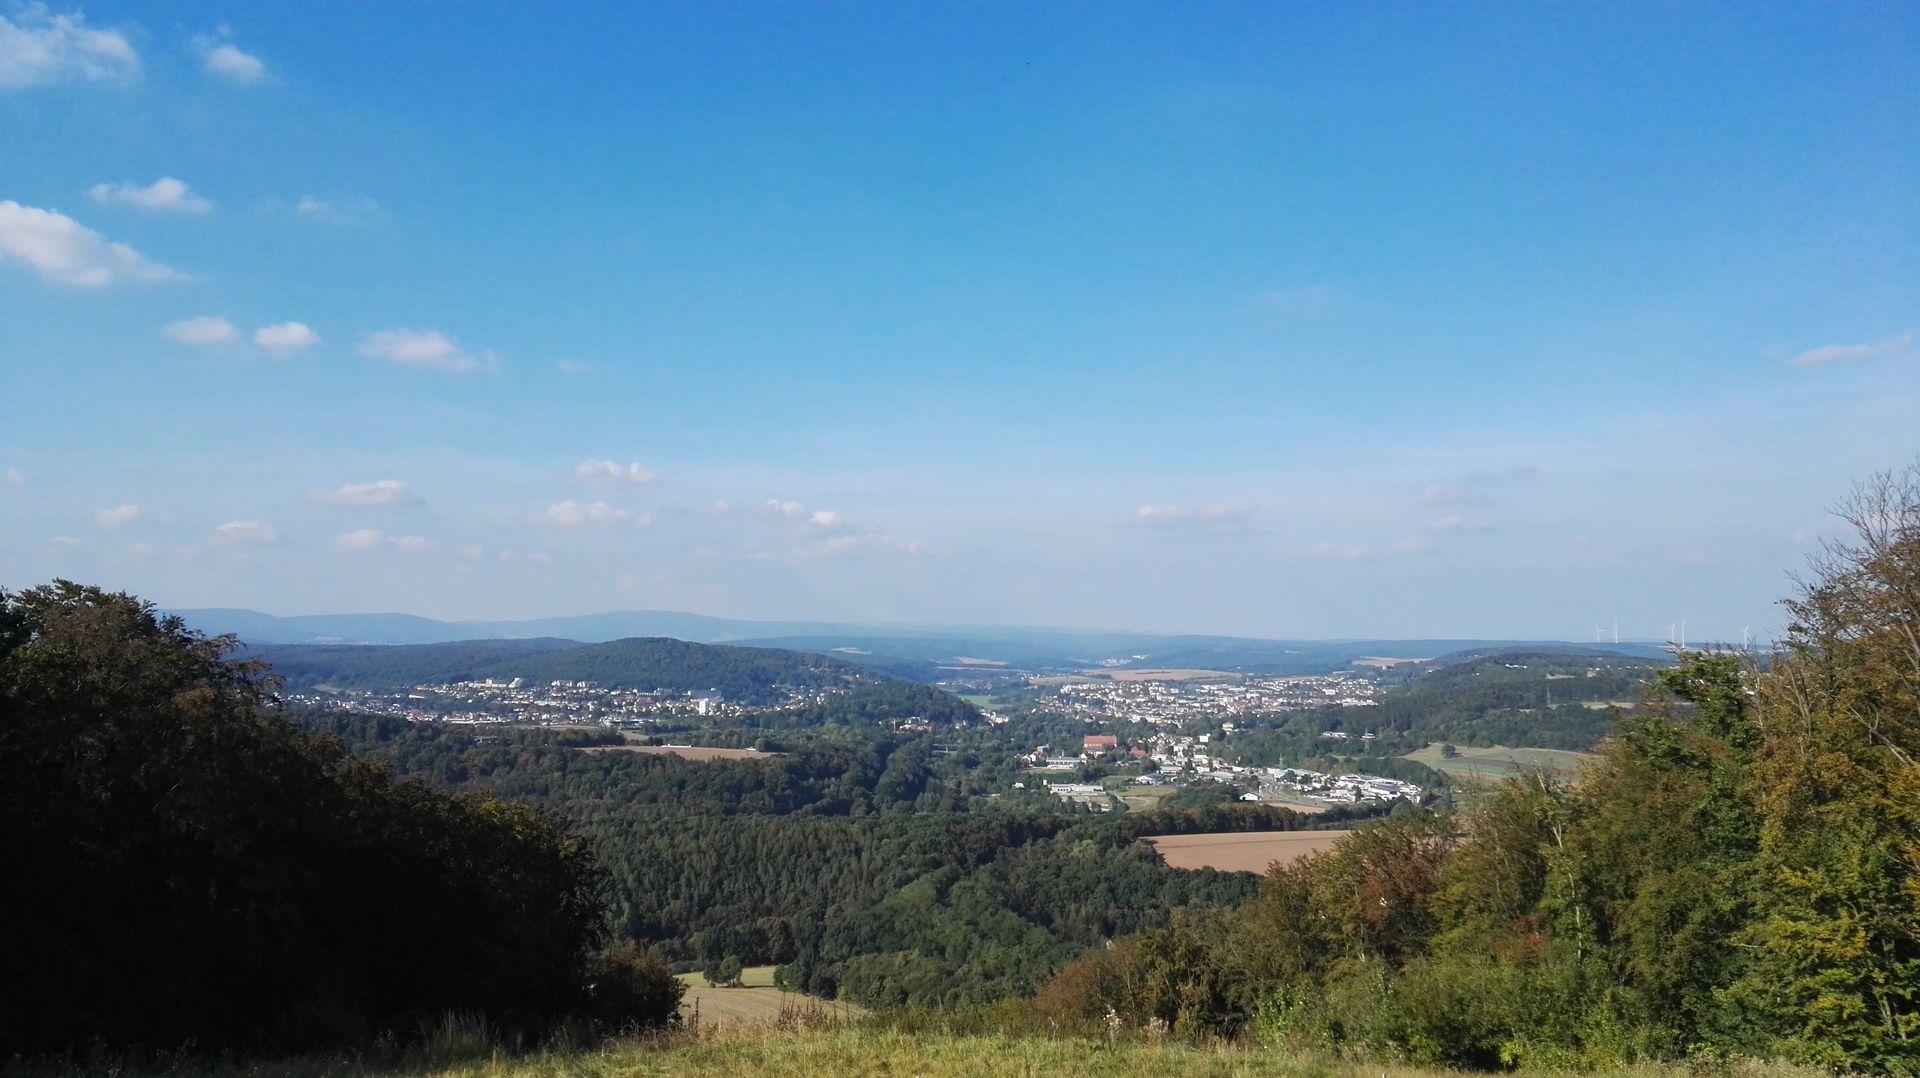 Ausblick vom Wittelsbacher Turm auf Bad Kissingen